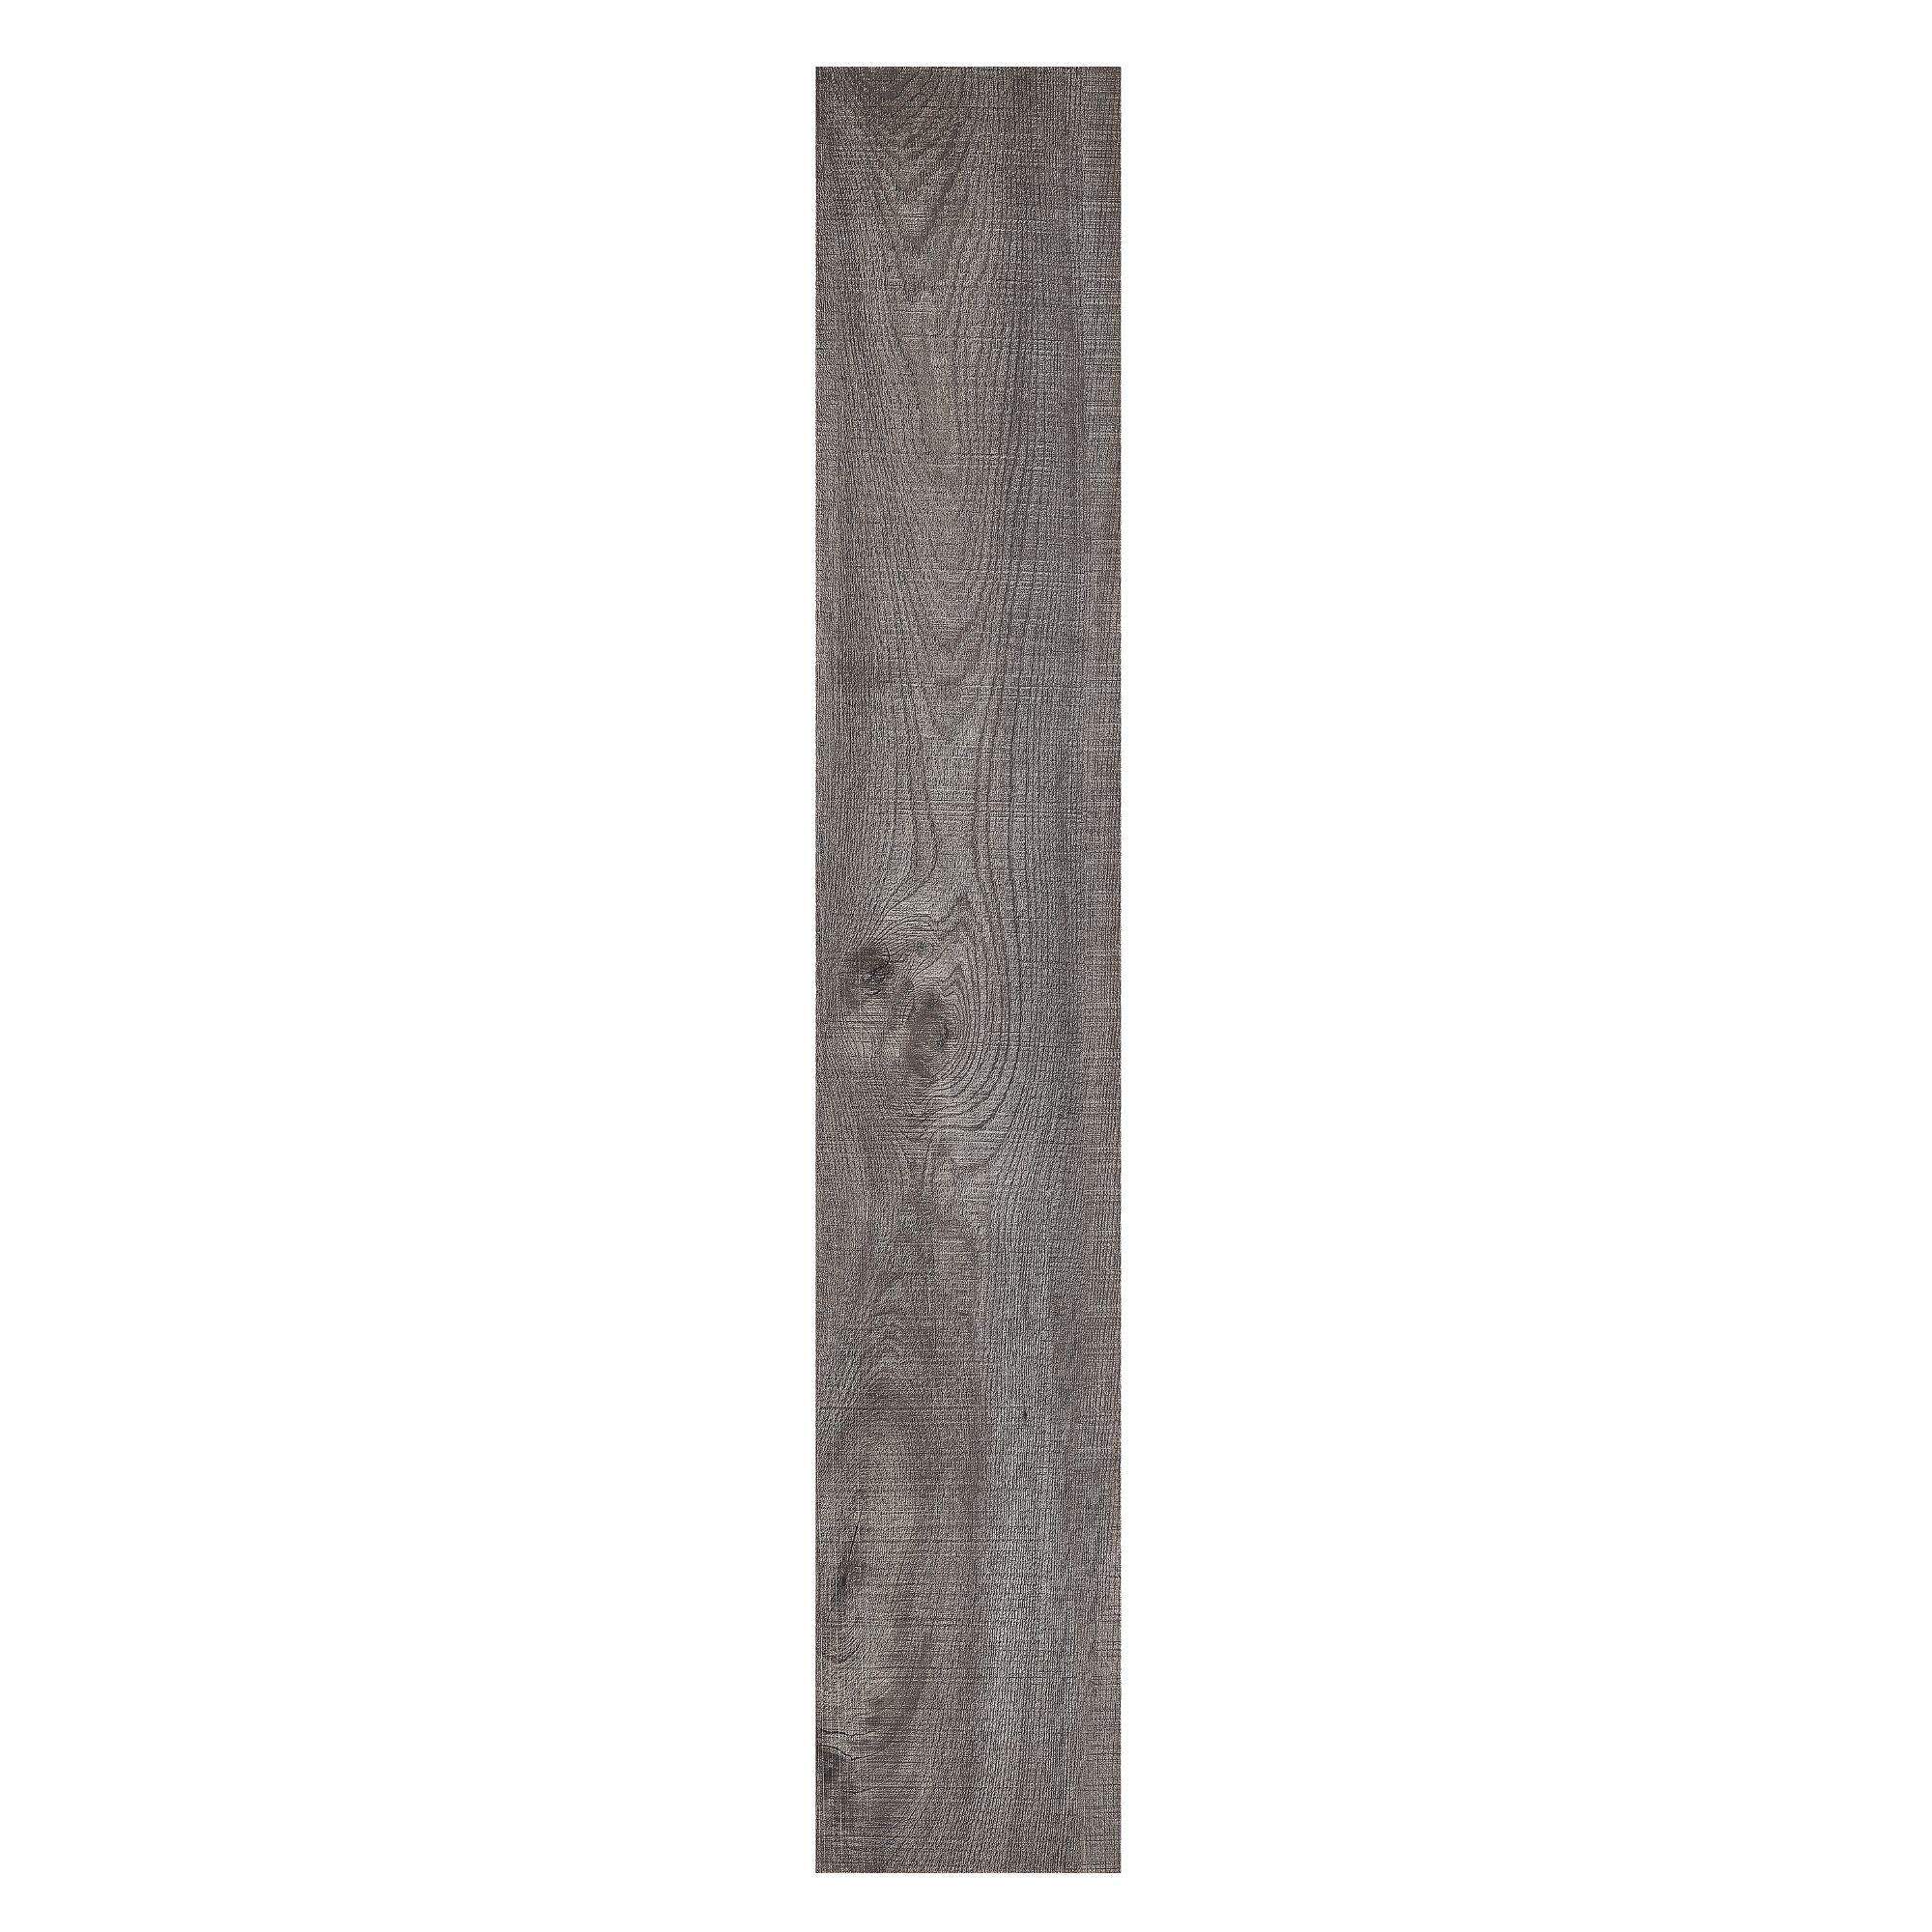 Achim Sterling Rustic Grey 6x36 Self Adhesive Vinyl Floor Planks